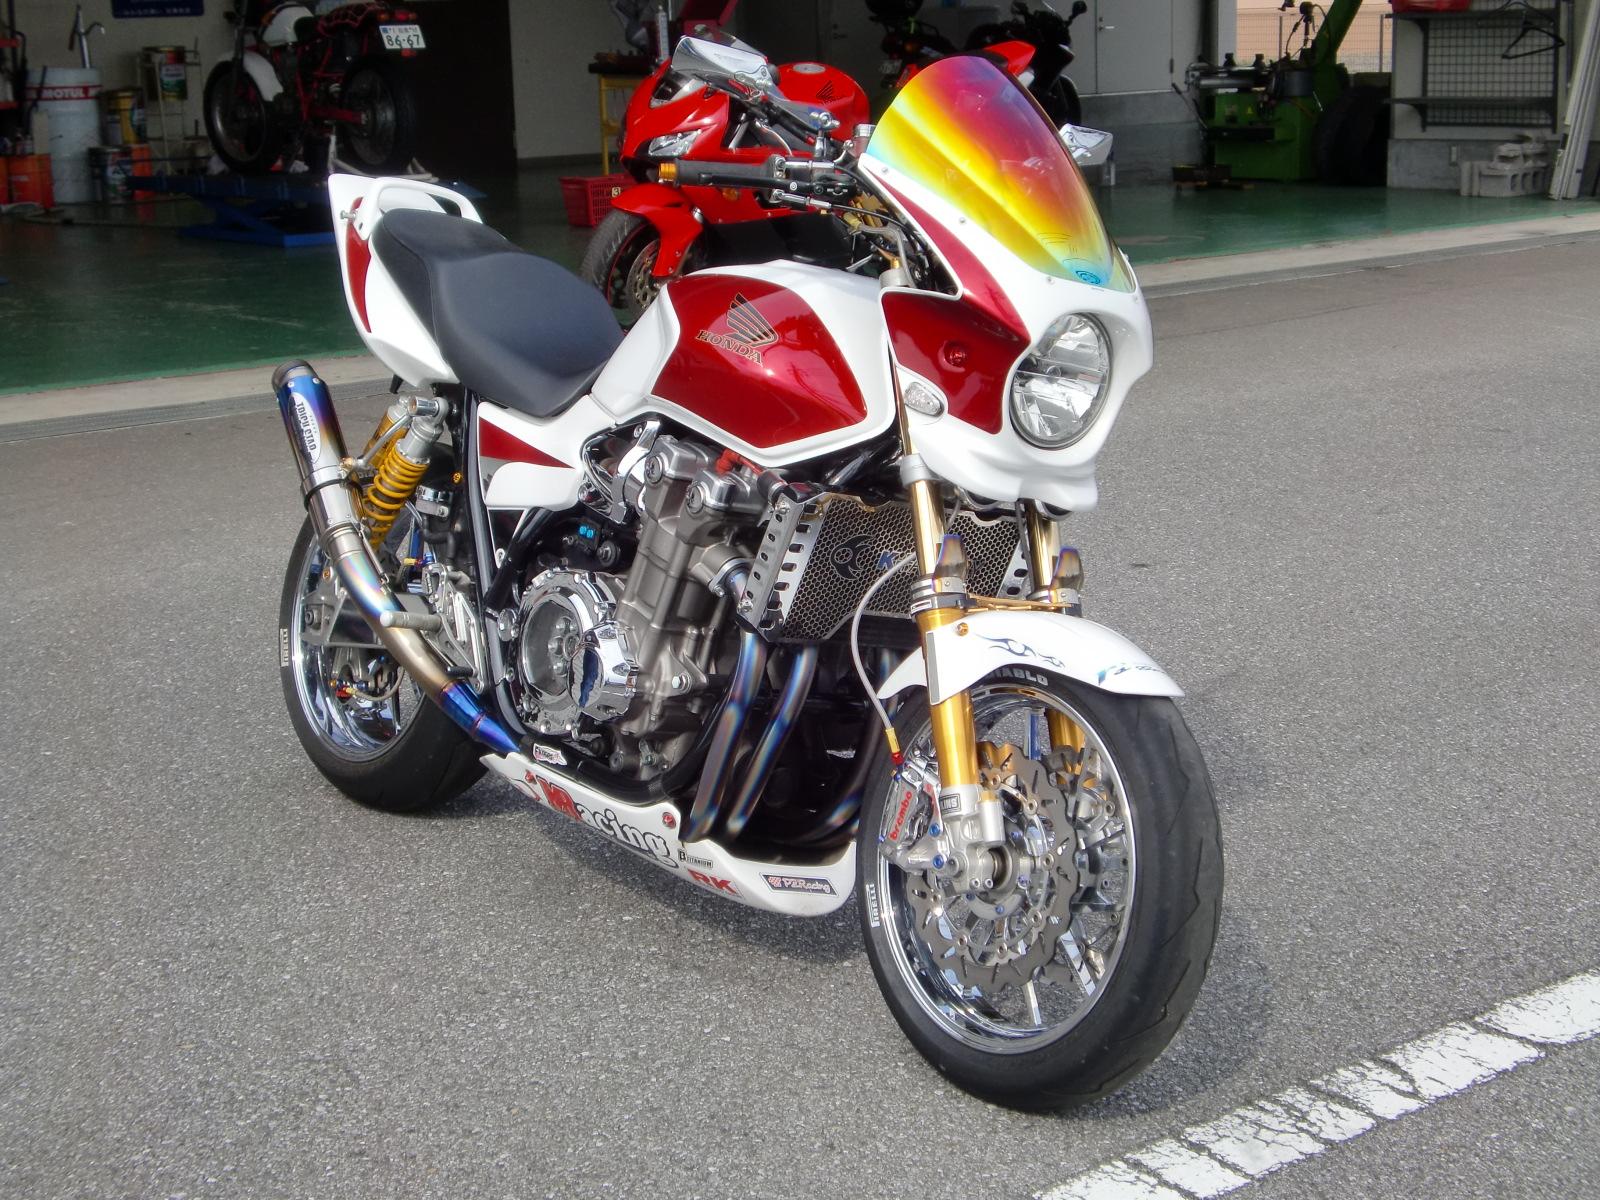 ホンダ、いや、日本が誇るリッターバイク!CB1300シリーズをカスタムのサムネイル画像